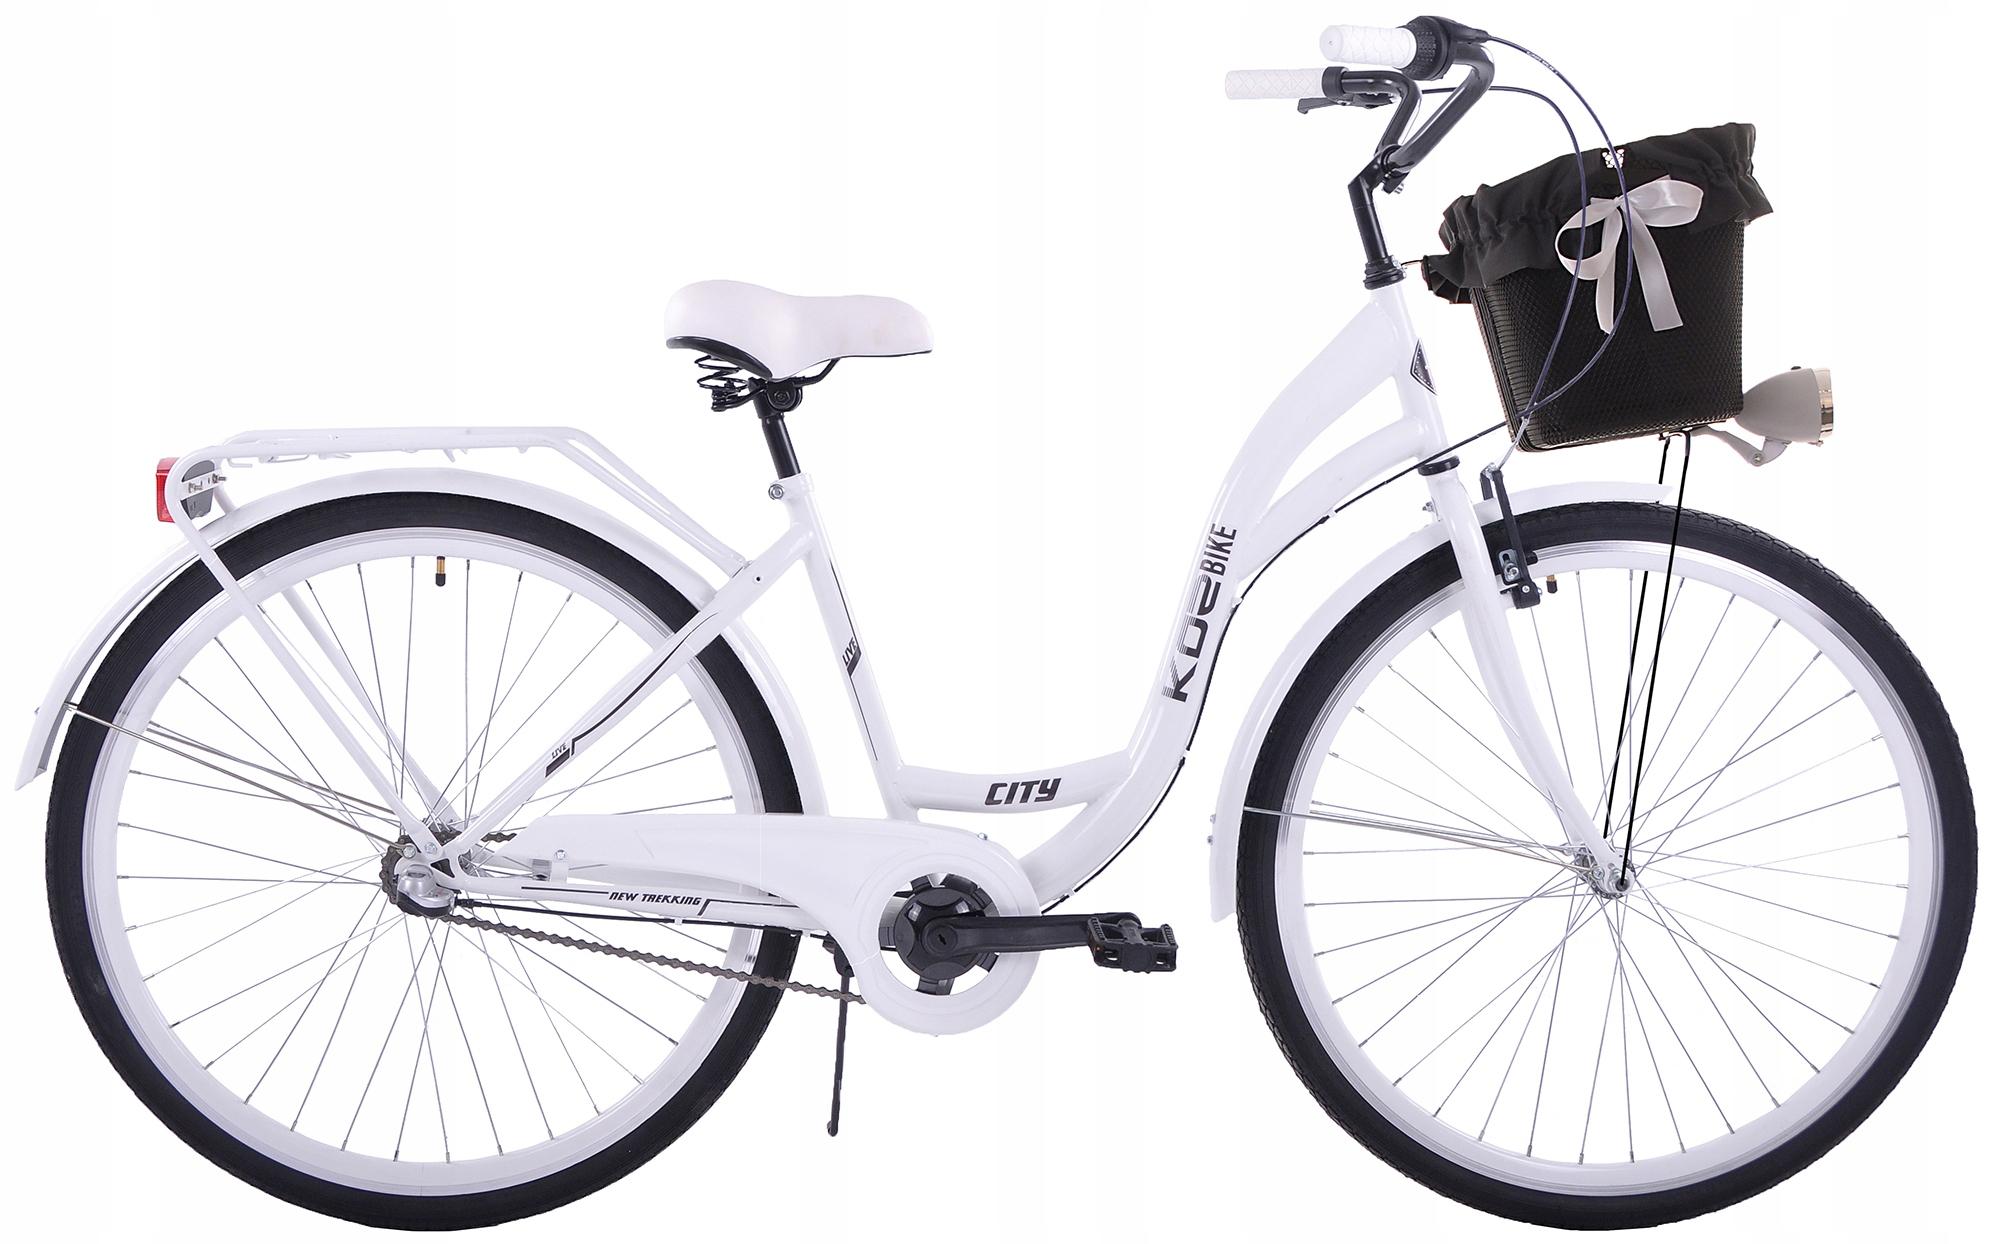 Kozbike 25 damski rower miejski 28 damka 3b kosz